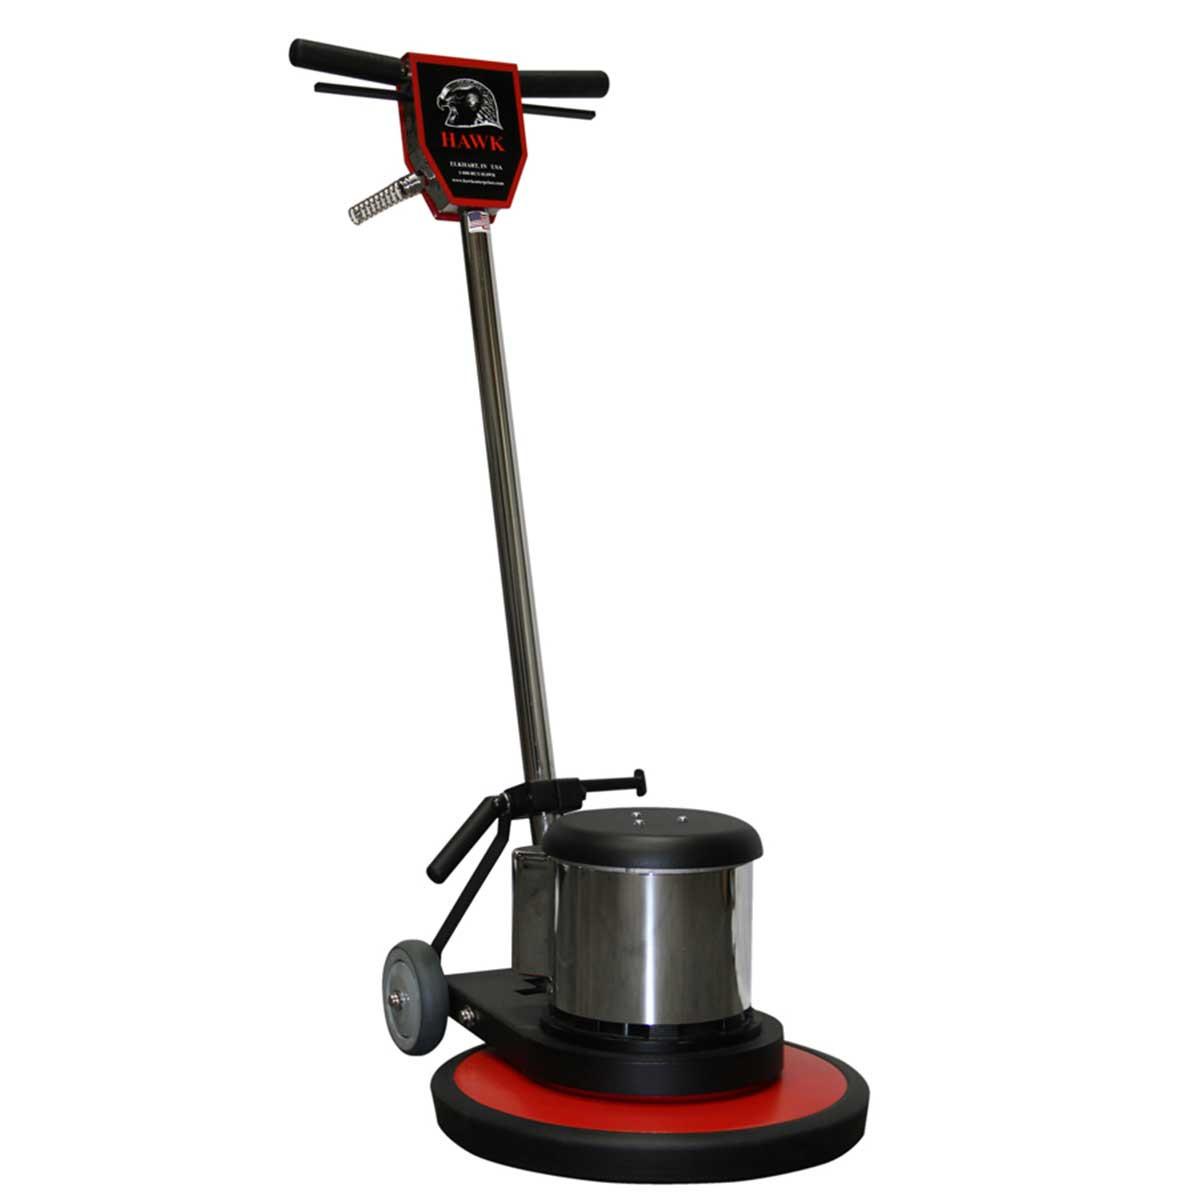 17in hawk 1-1/2 hp standard floor machines